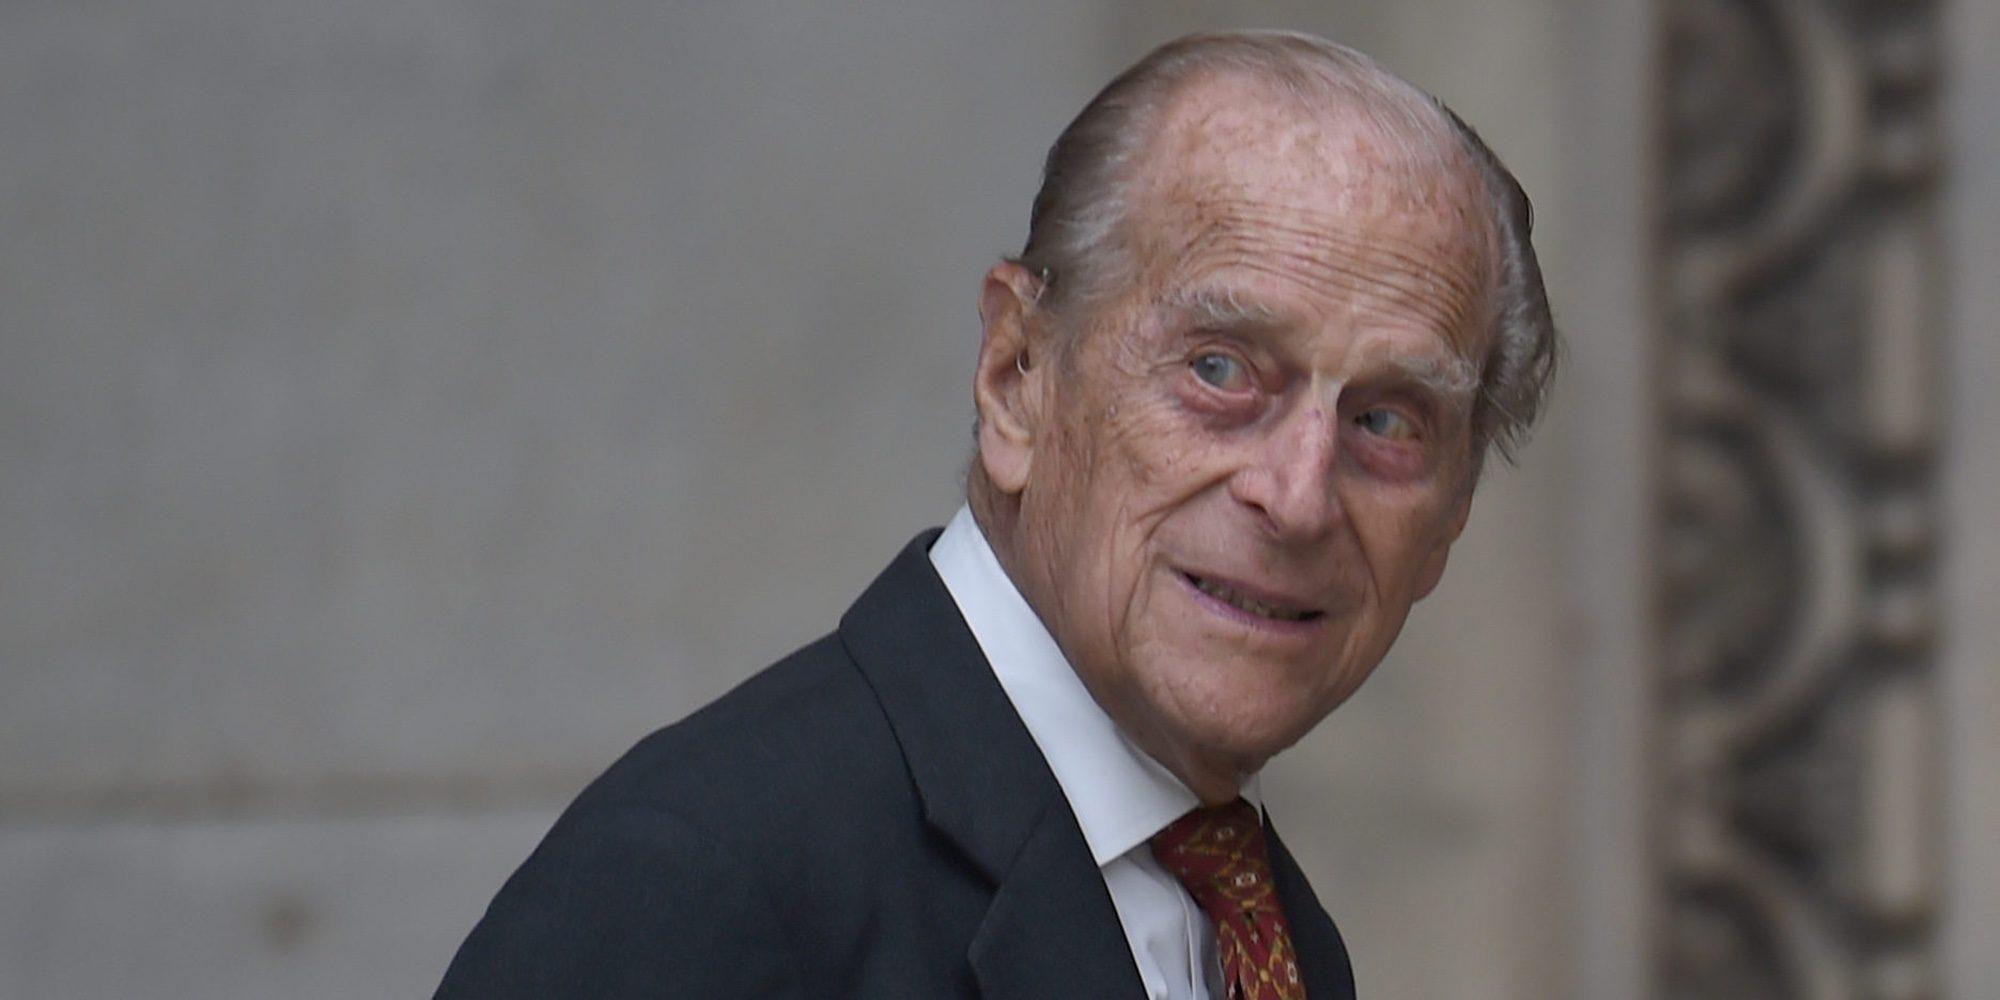 Los 9 momentos que han marcado la vida del Duque de Edimburgo, el leal marido de la Reina Isabel